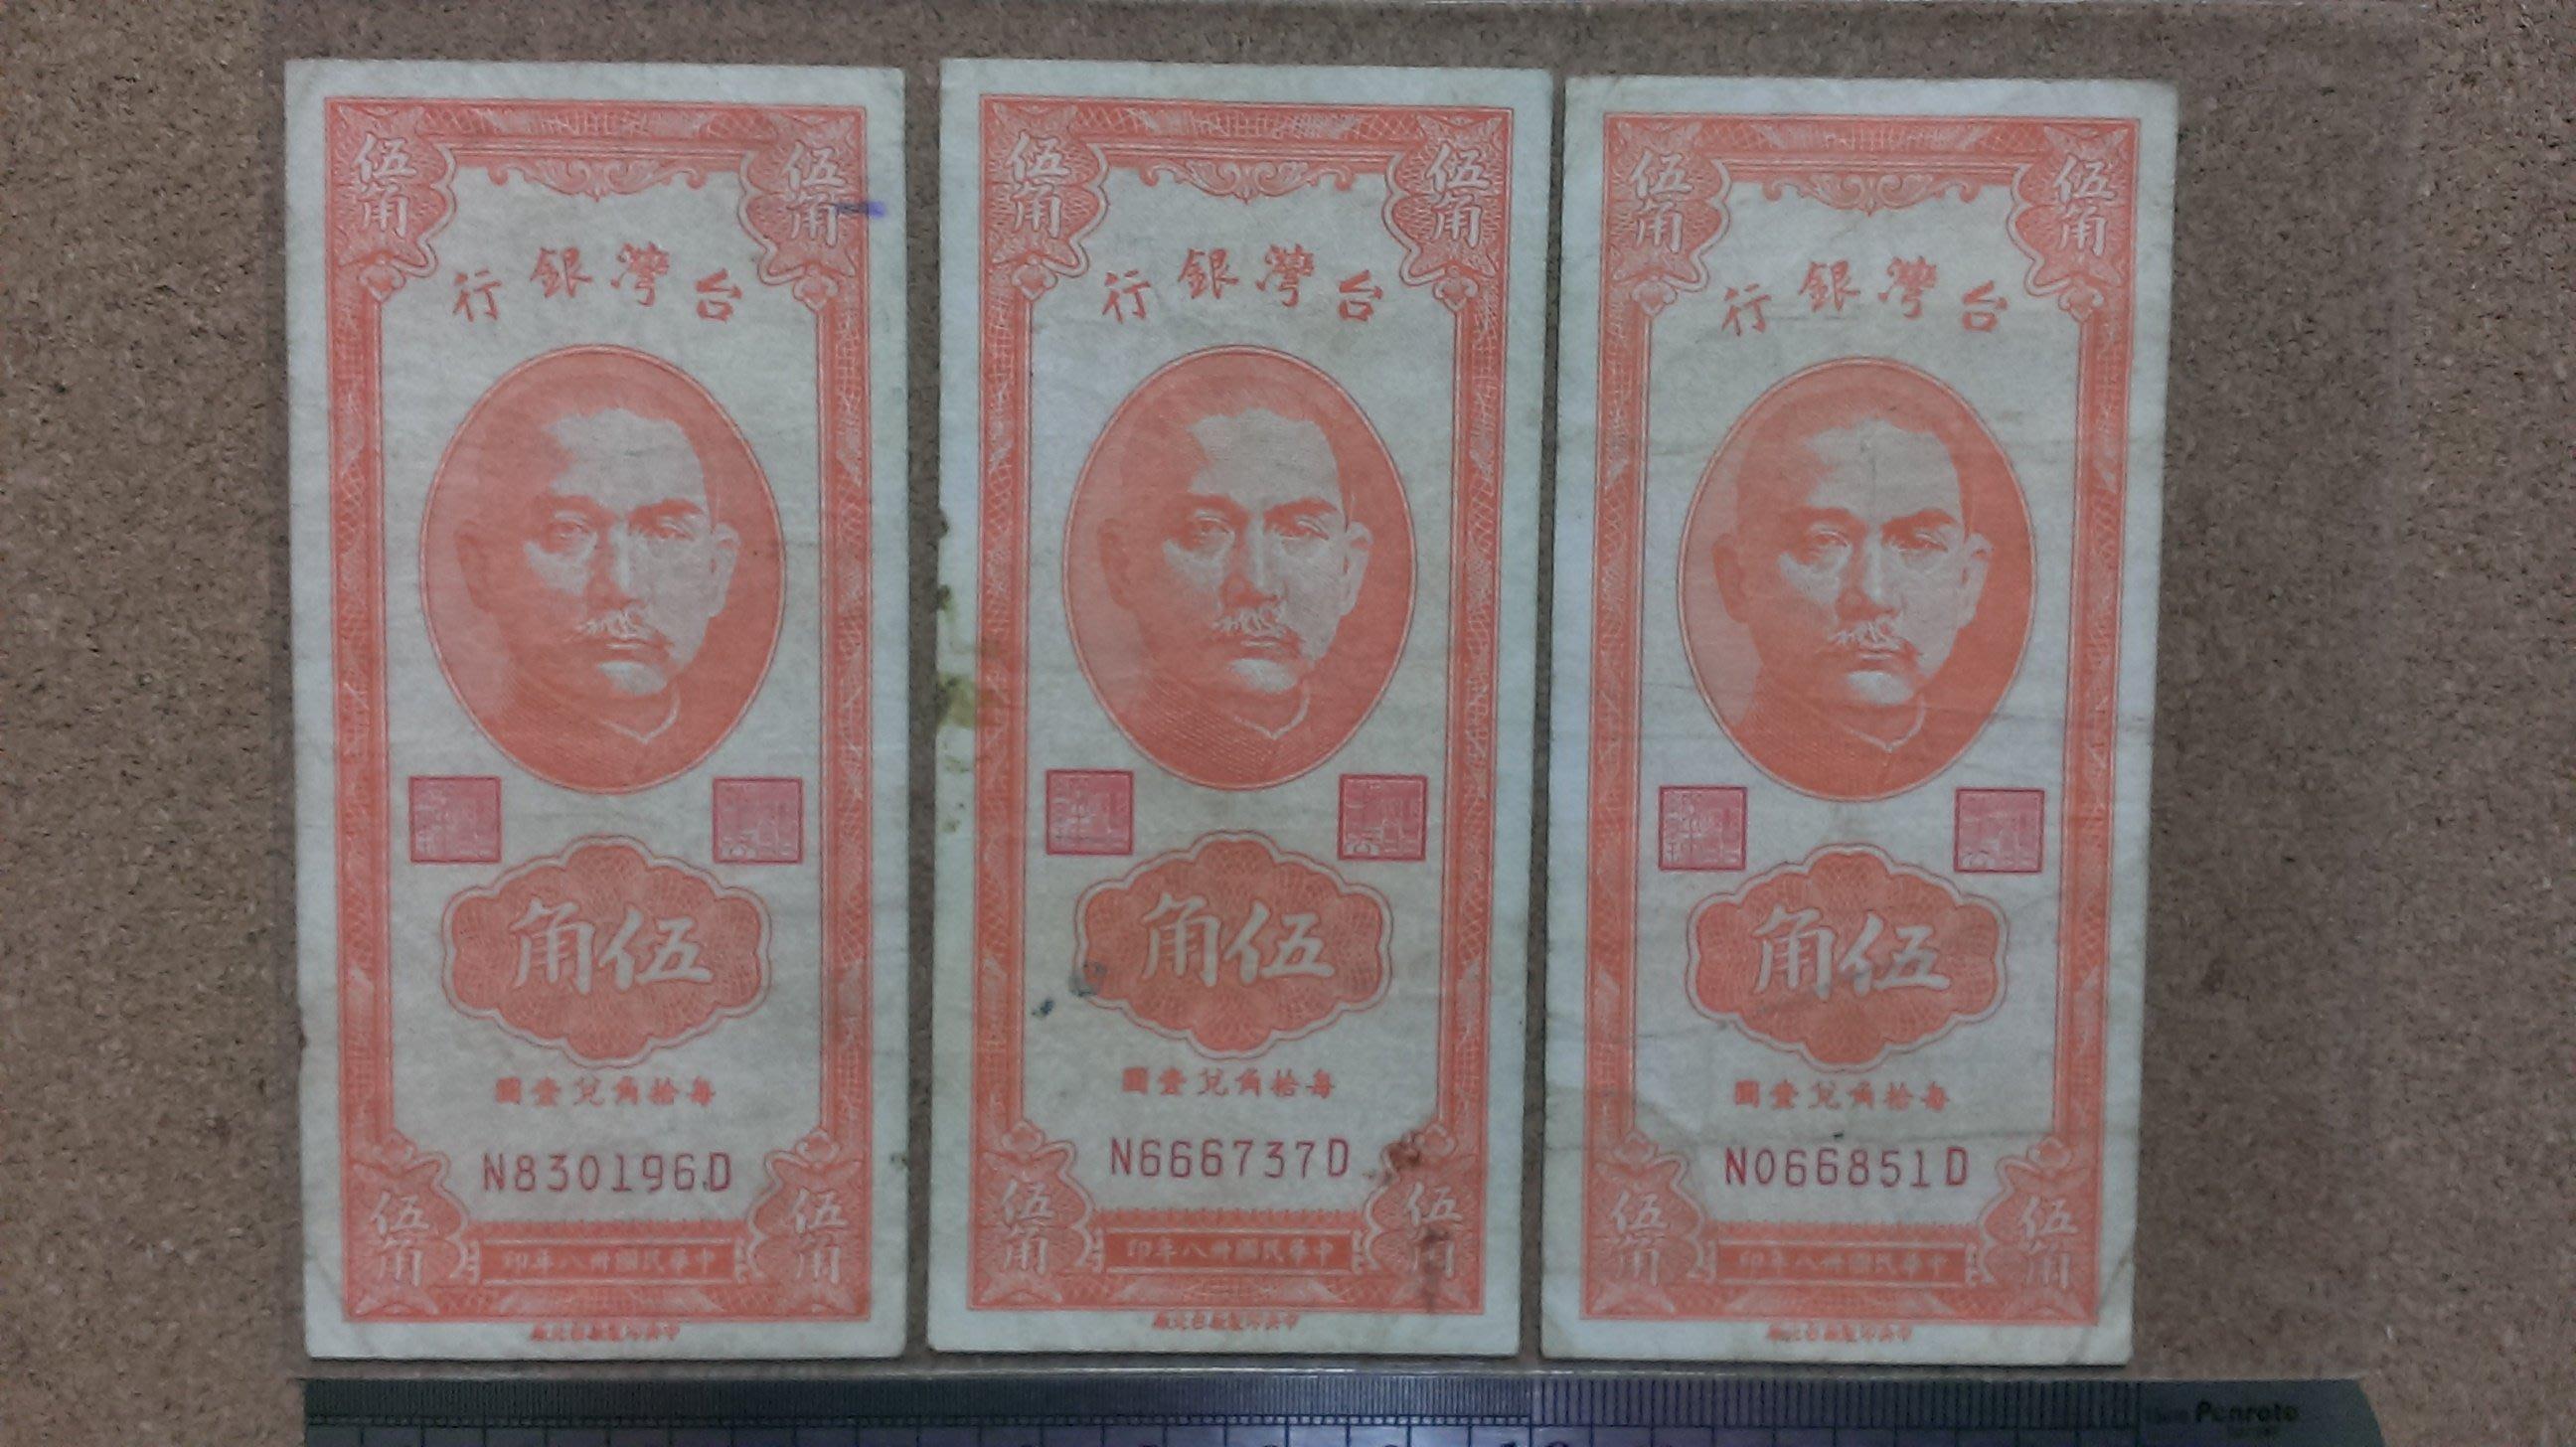 146-2--台灣銀行 38年 5角 黑彭湖--ND字軌3枚